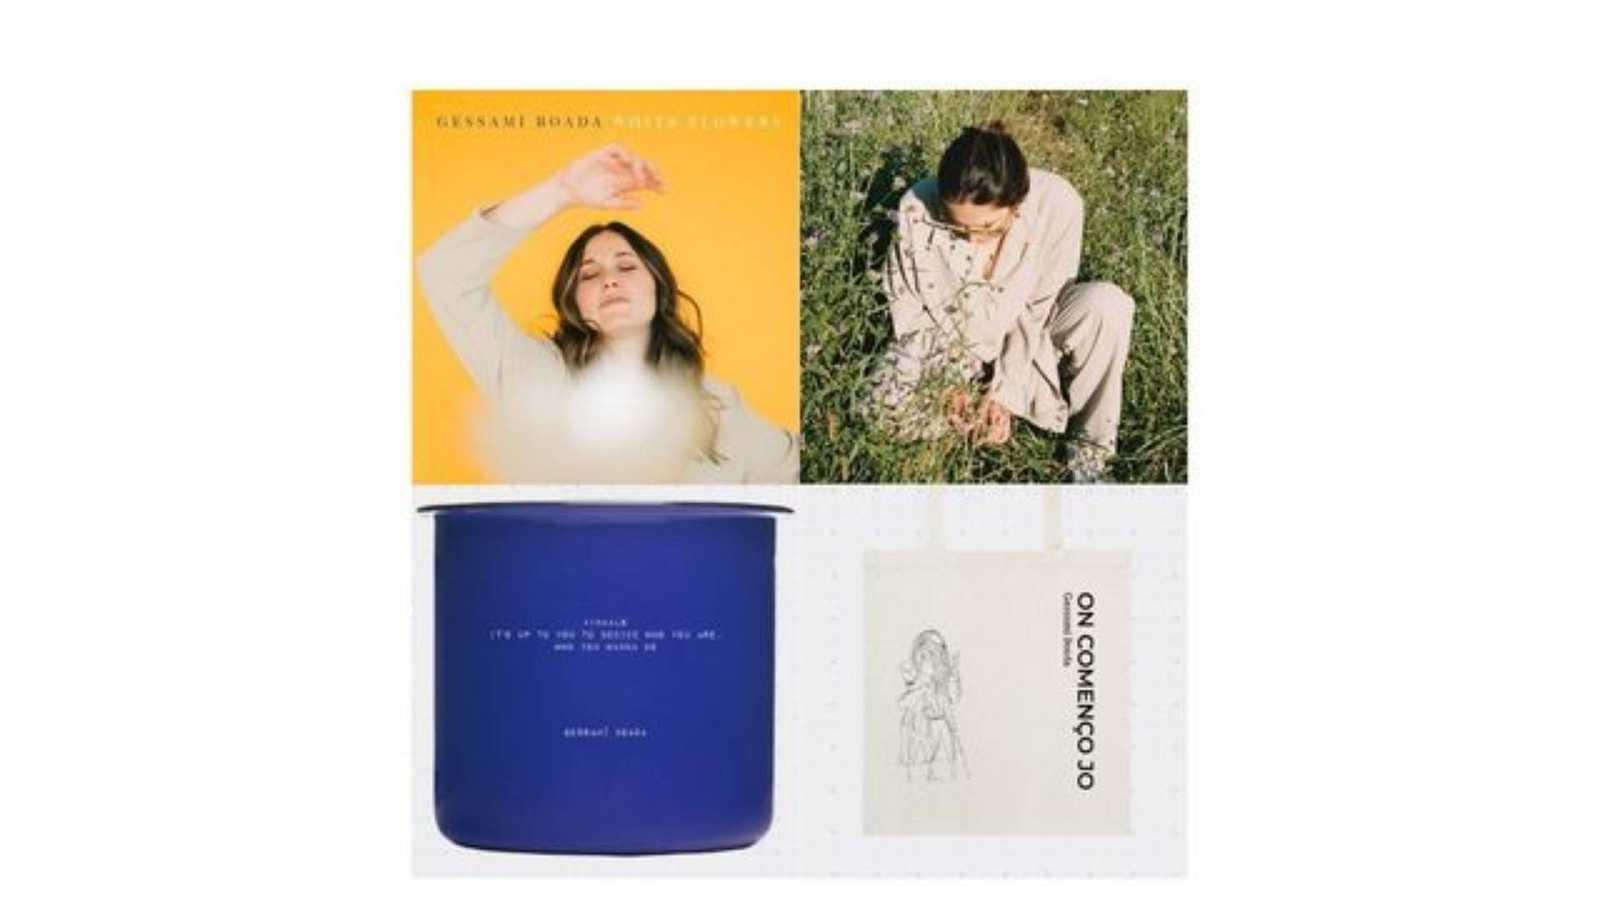 Otros acentos - 'On començo jo', segundo disco de Gessamí Boada - 01/11/20 - Escuchar ahora